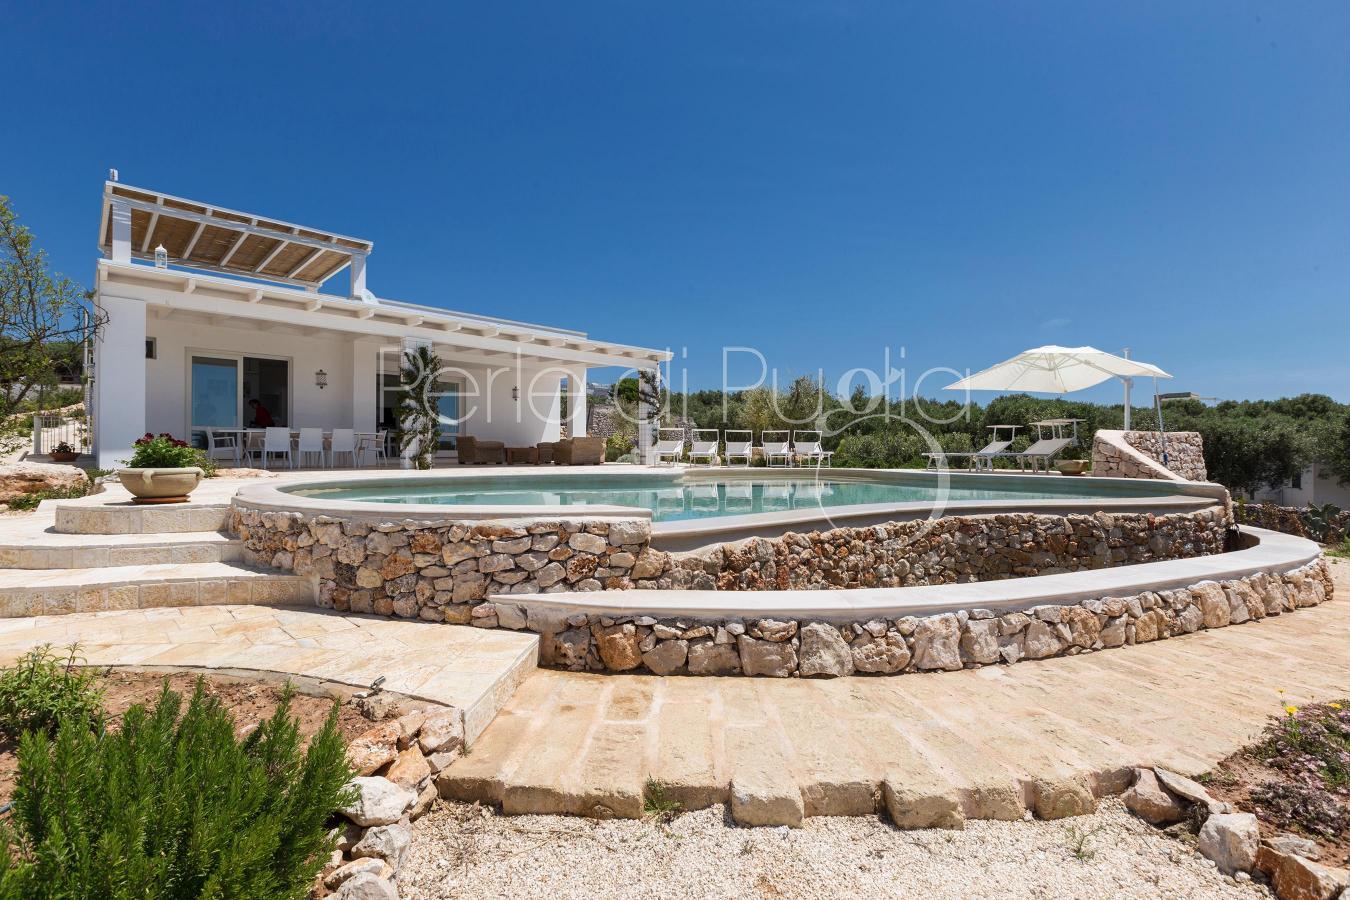 Esclusiva villa con piscina a santa maria di leuca villa - Villa con piscina santa maria di leuca ...